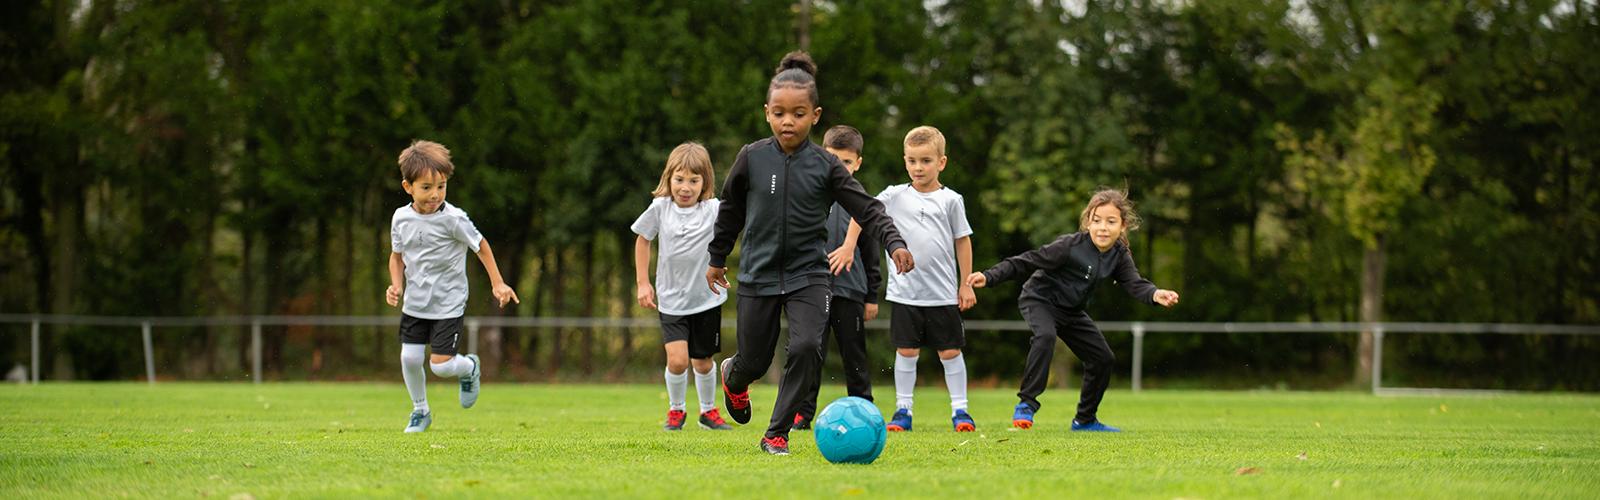 Découvrez notre gamme de produits Football pour les enfants